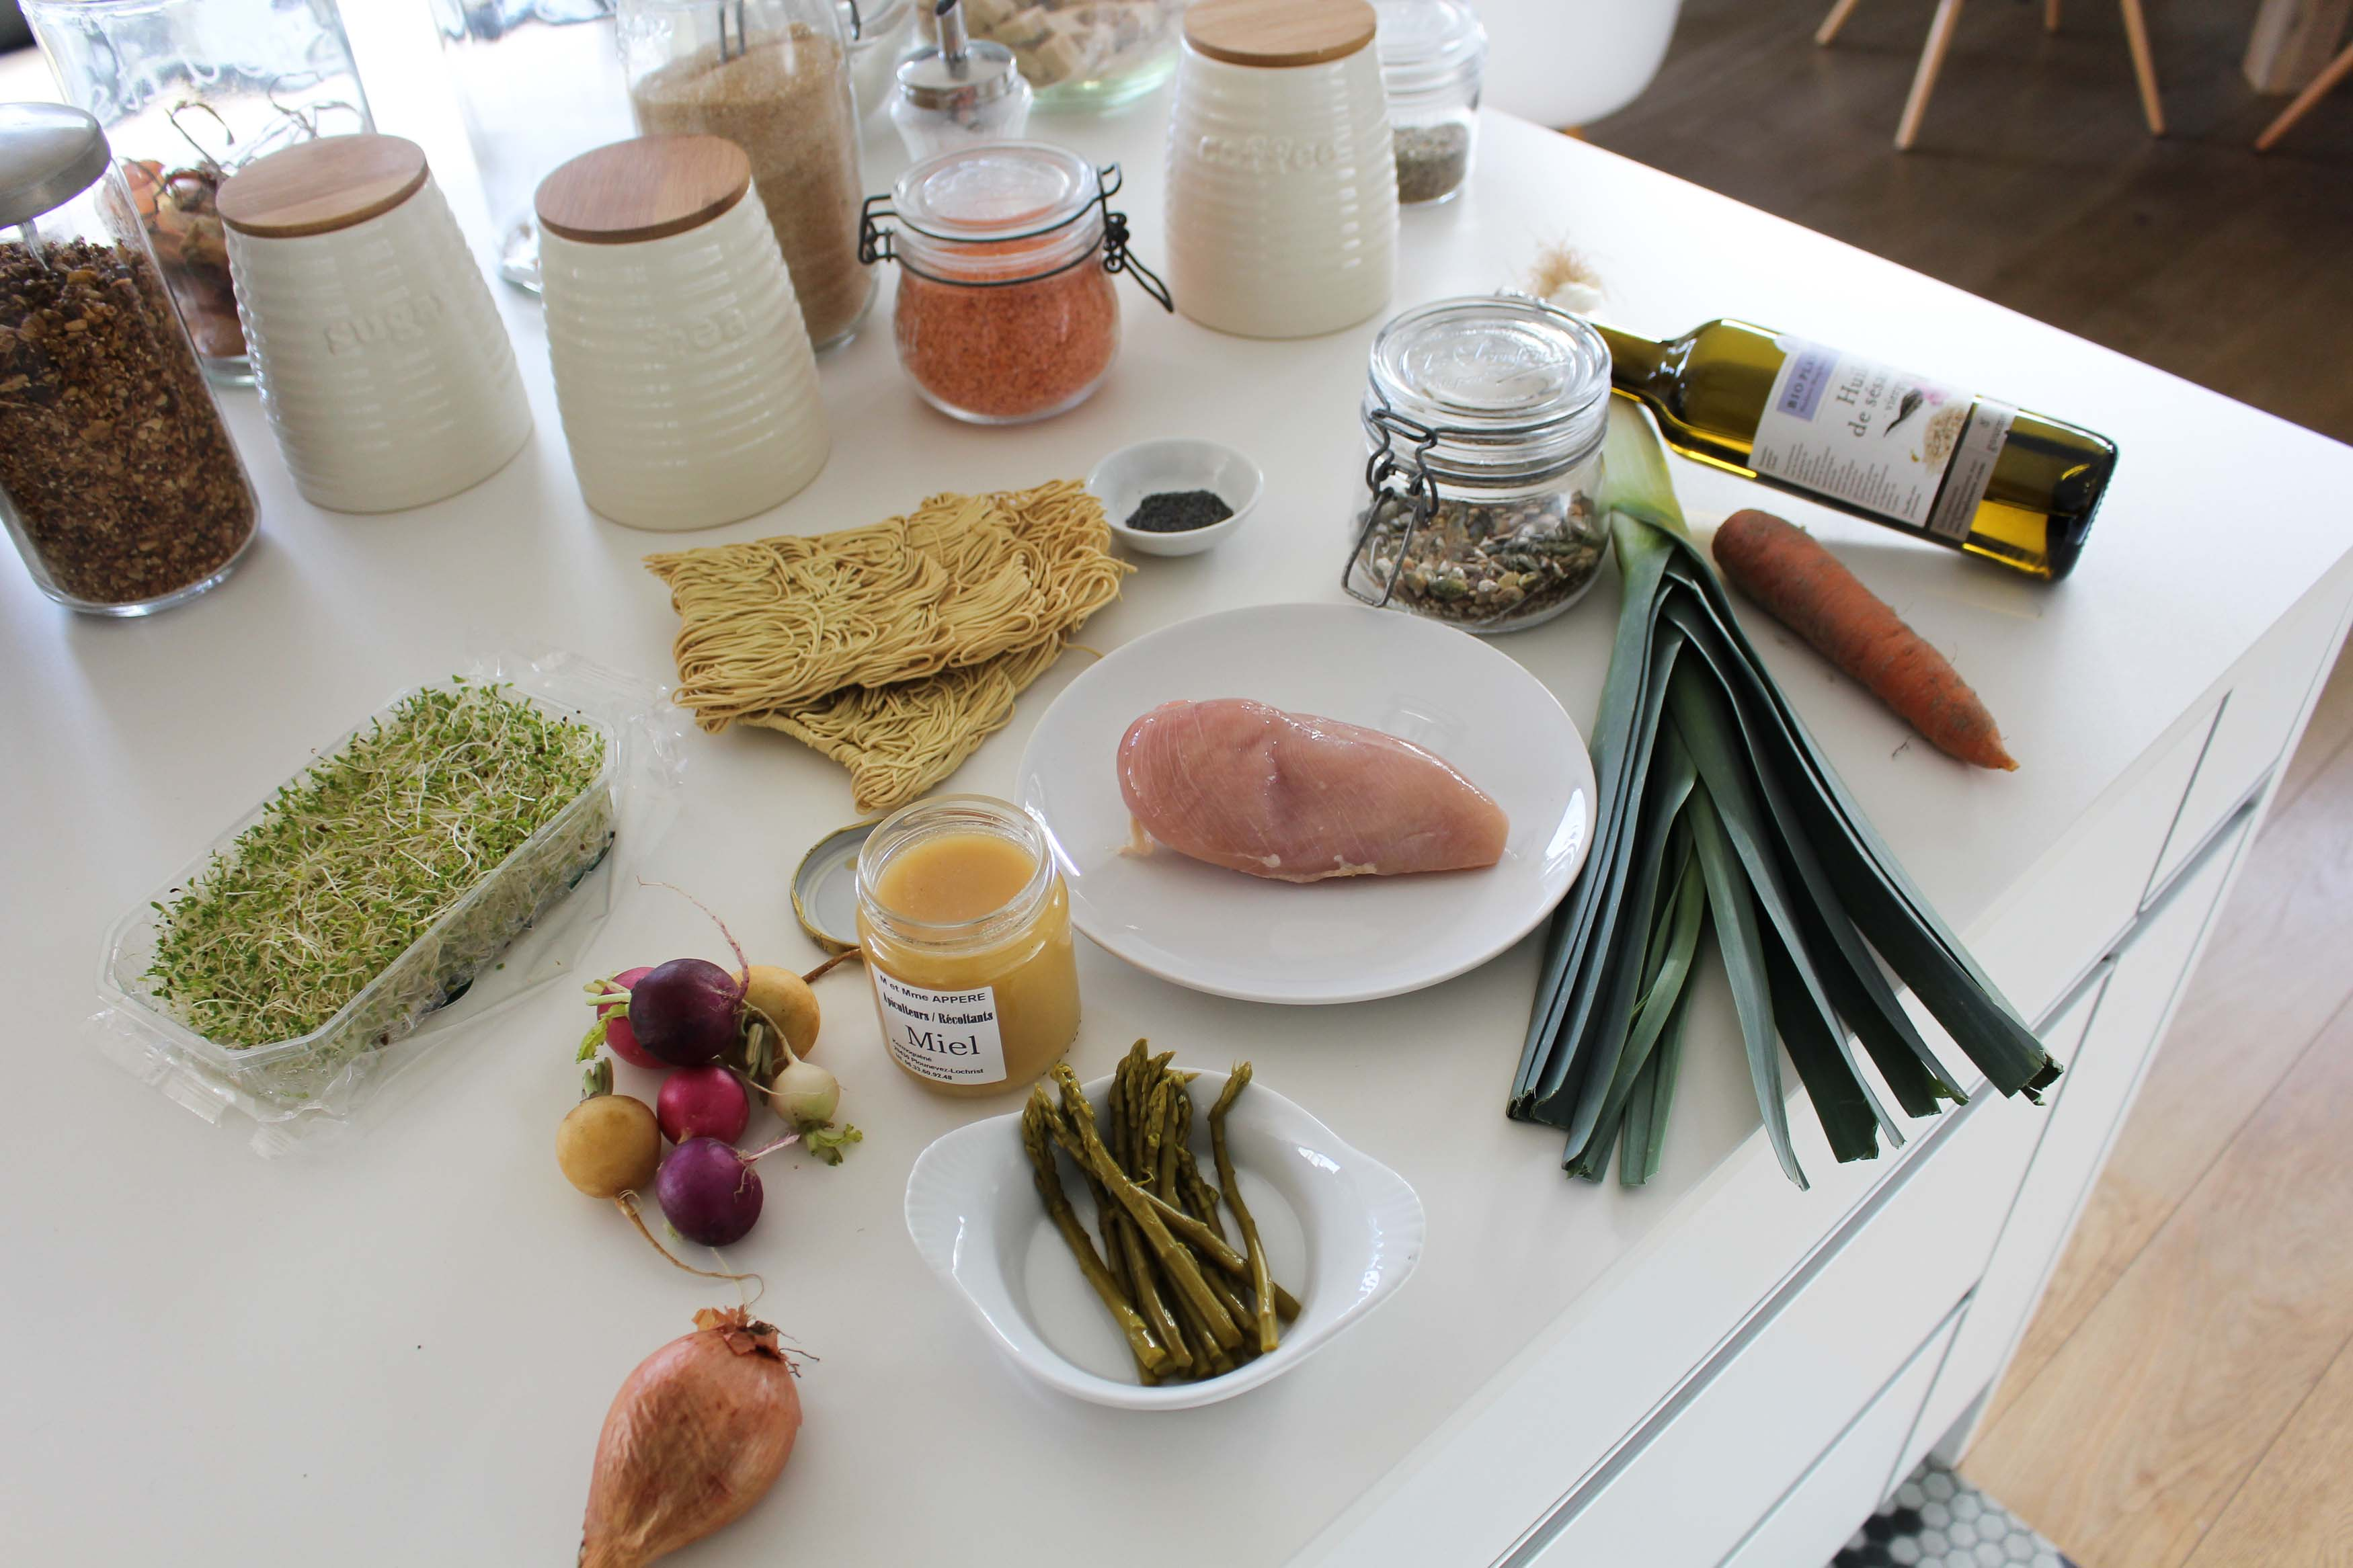 cuisine-westwing-recette-linstantflo-2-sur-27